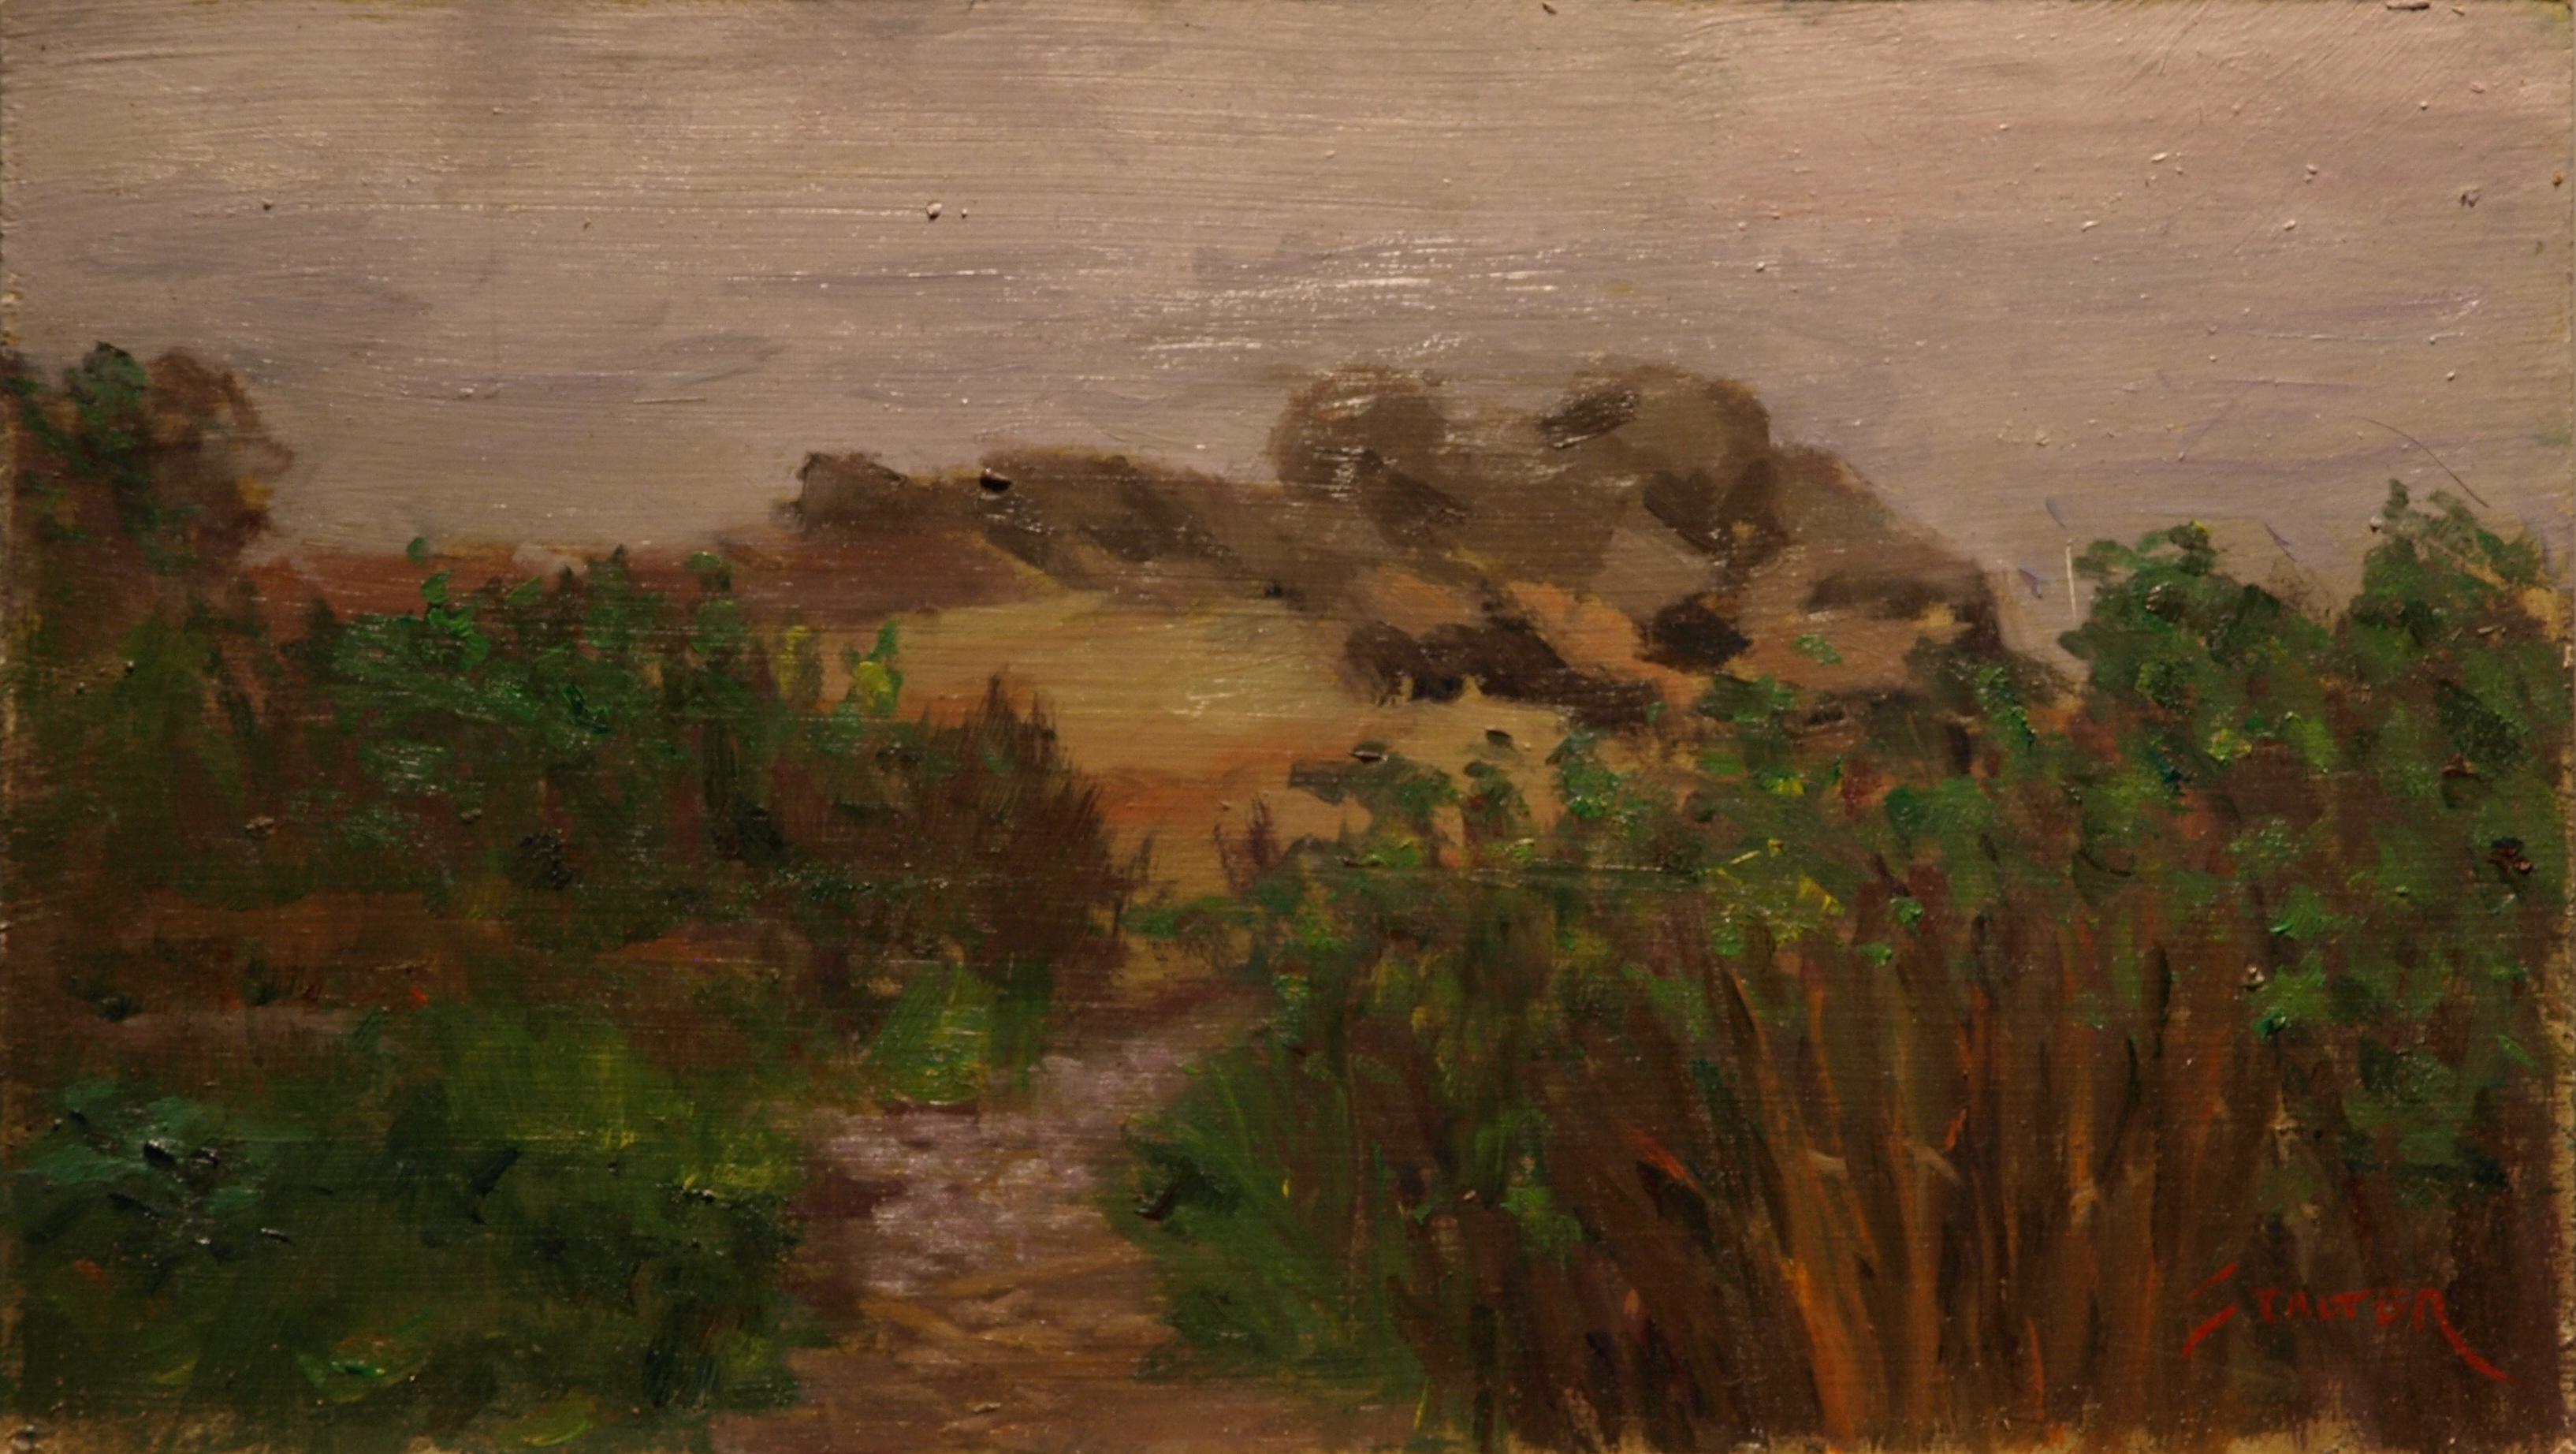 Stonington Marsh # 2, Oil on Linen on Panel, 8 x 14 Inches, by Richard Stalter, $225